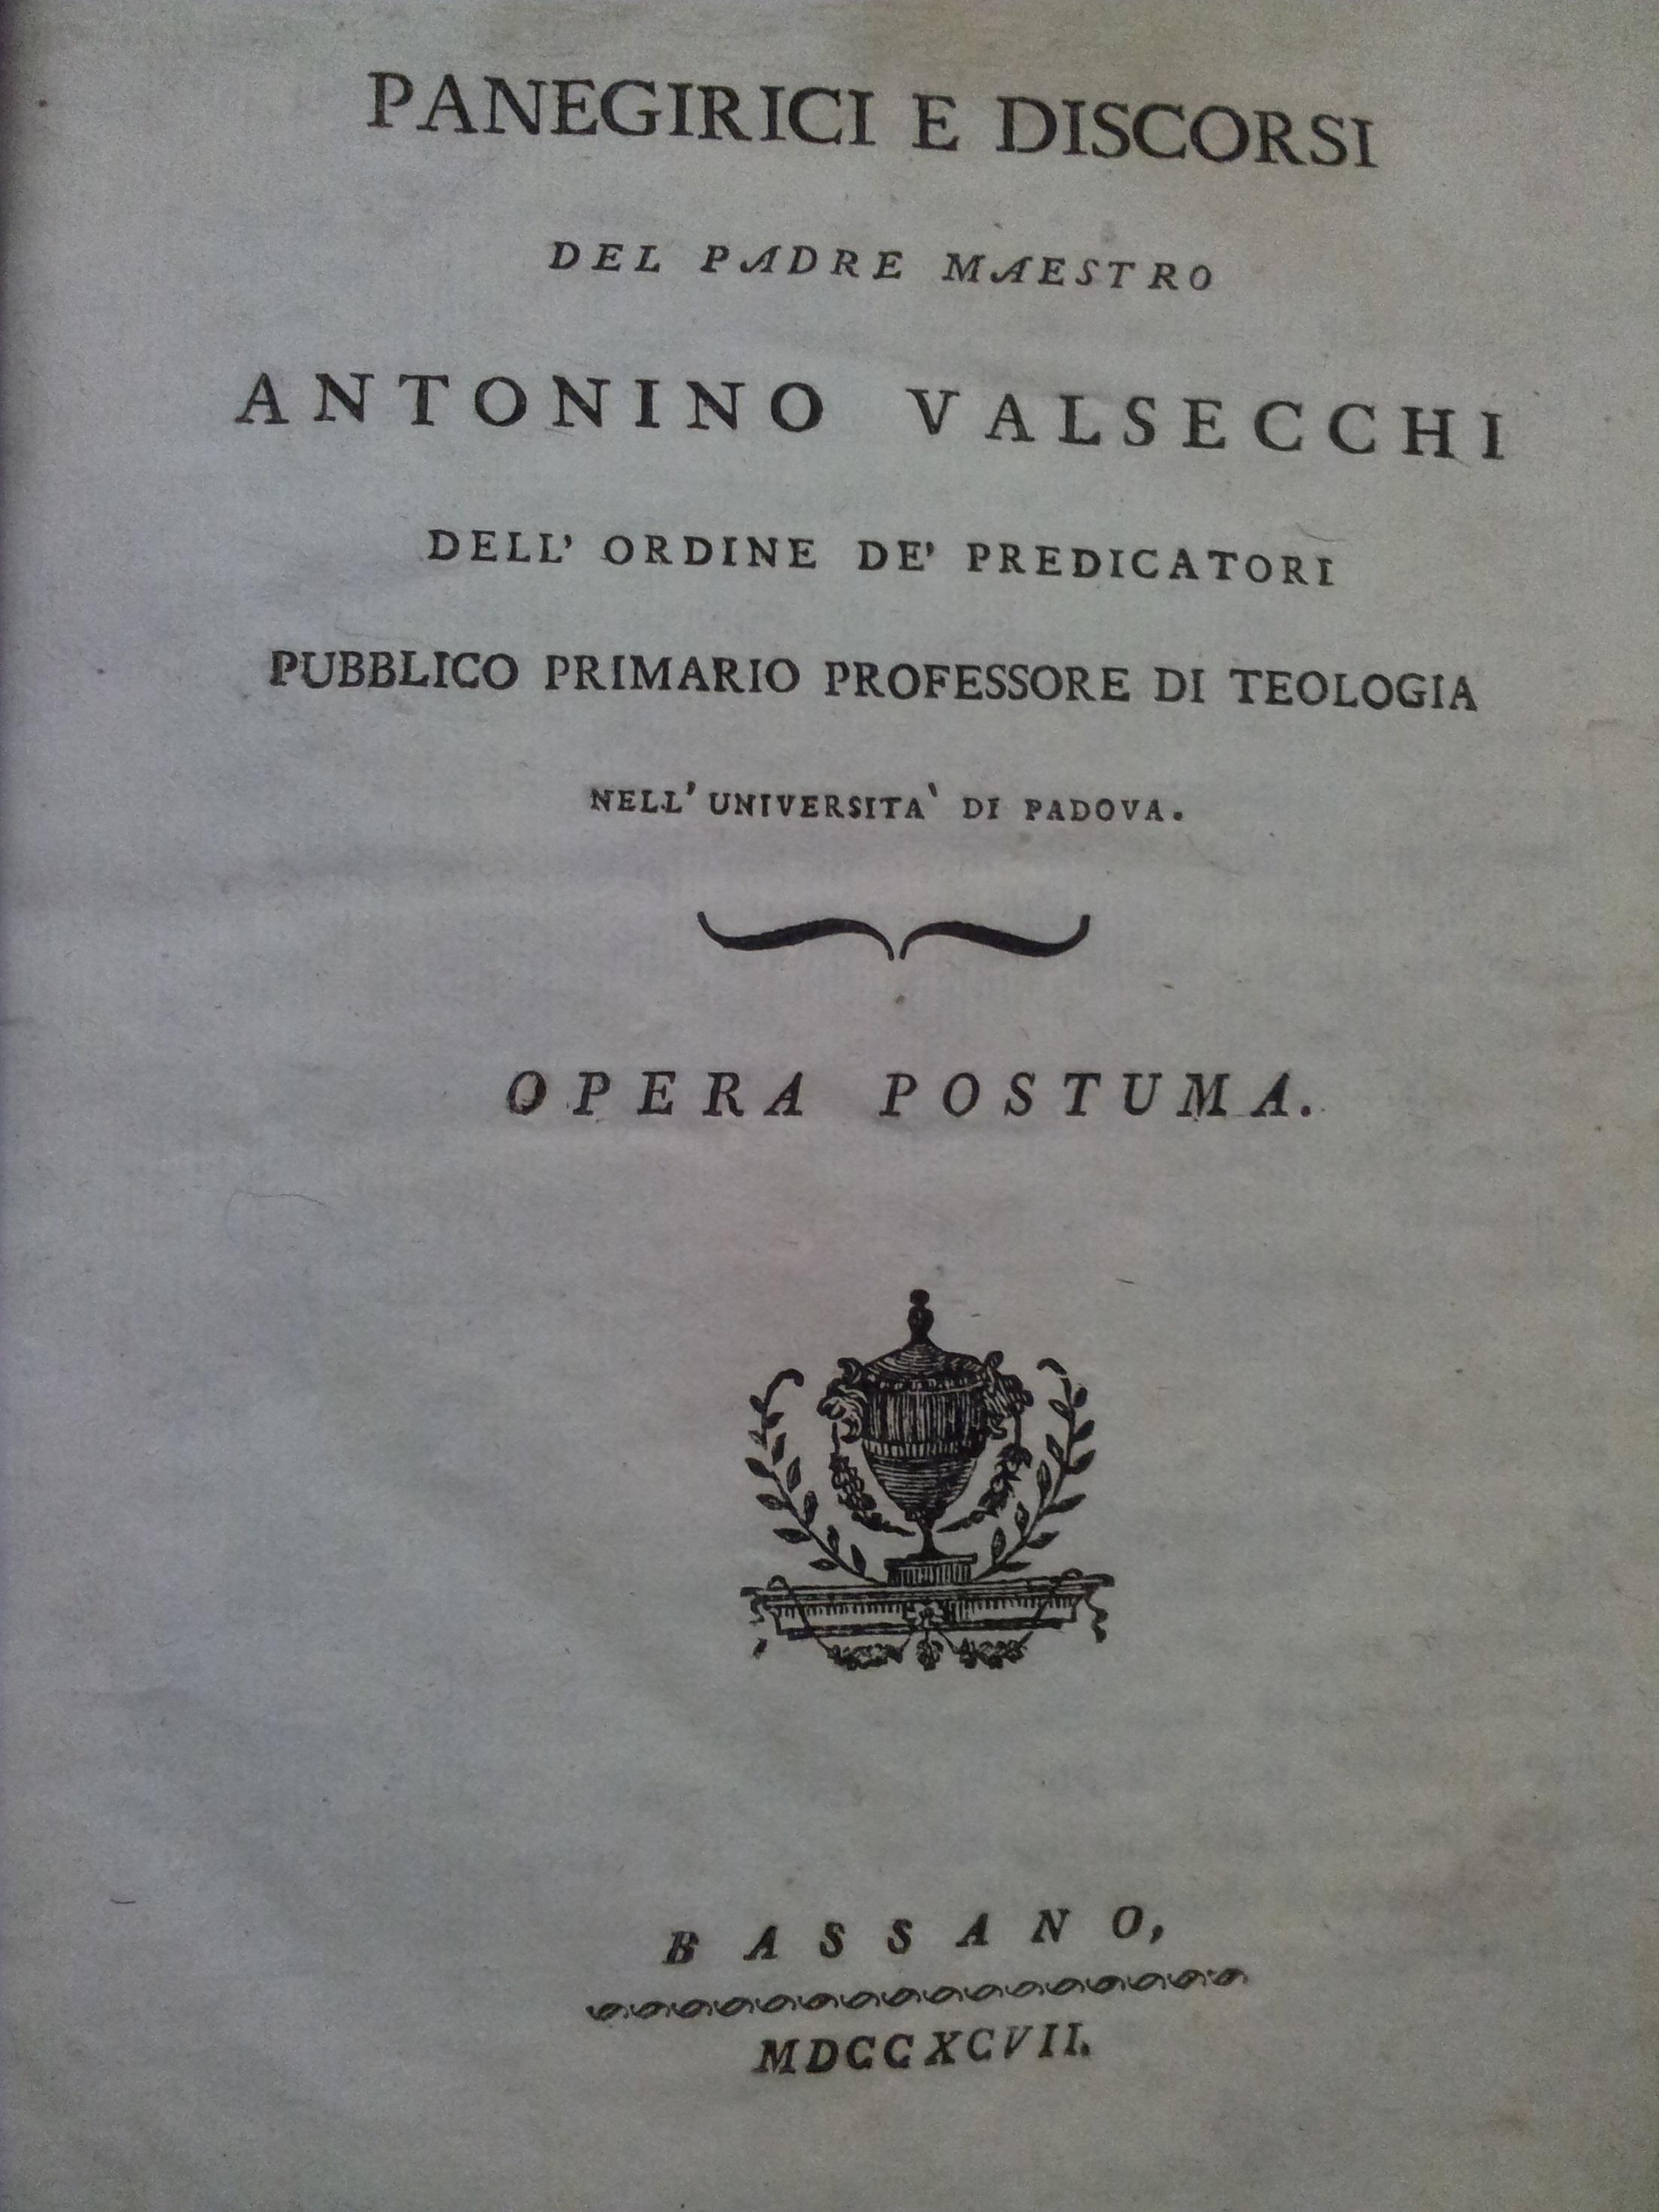 Panegirici e discorsi del padre maestro Antonino Valsecchi dell'ordine de' predicatori pubblico primario professore di teologia nell'Università di Padova